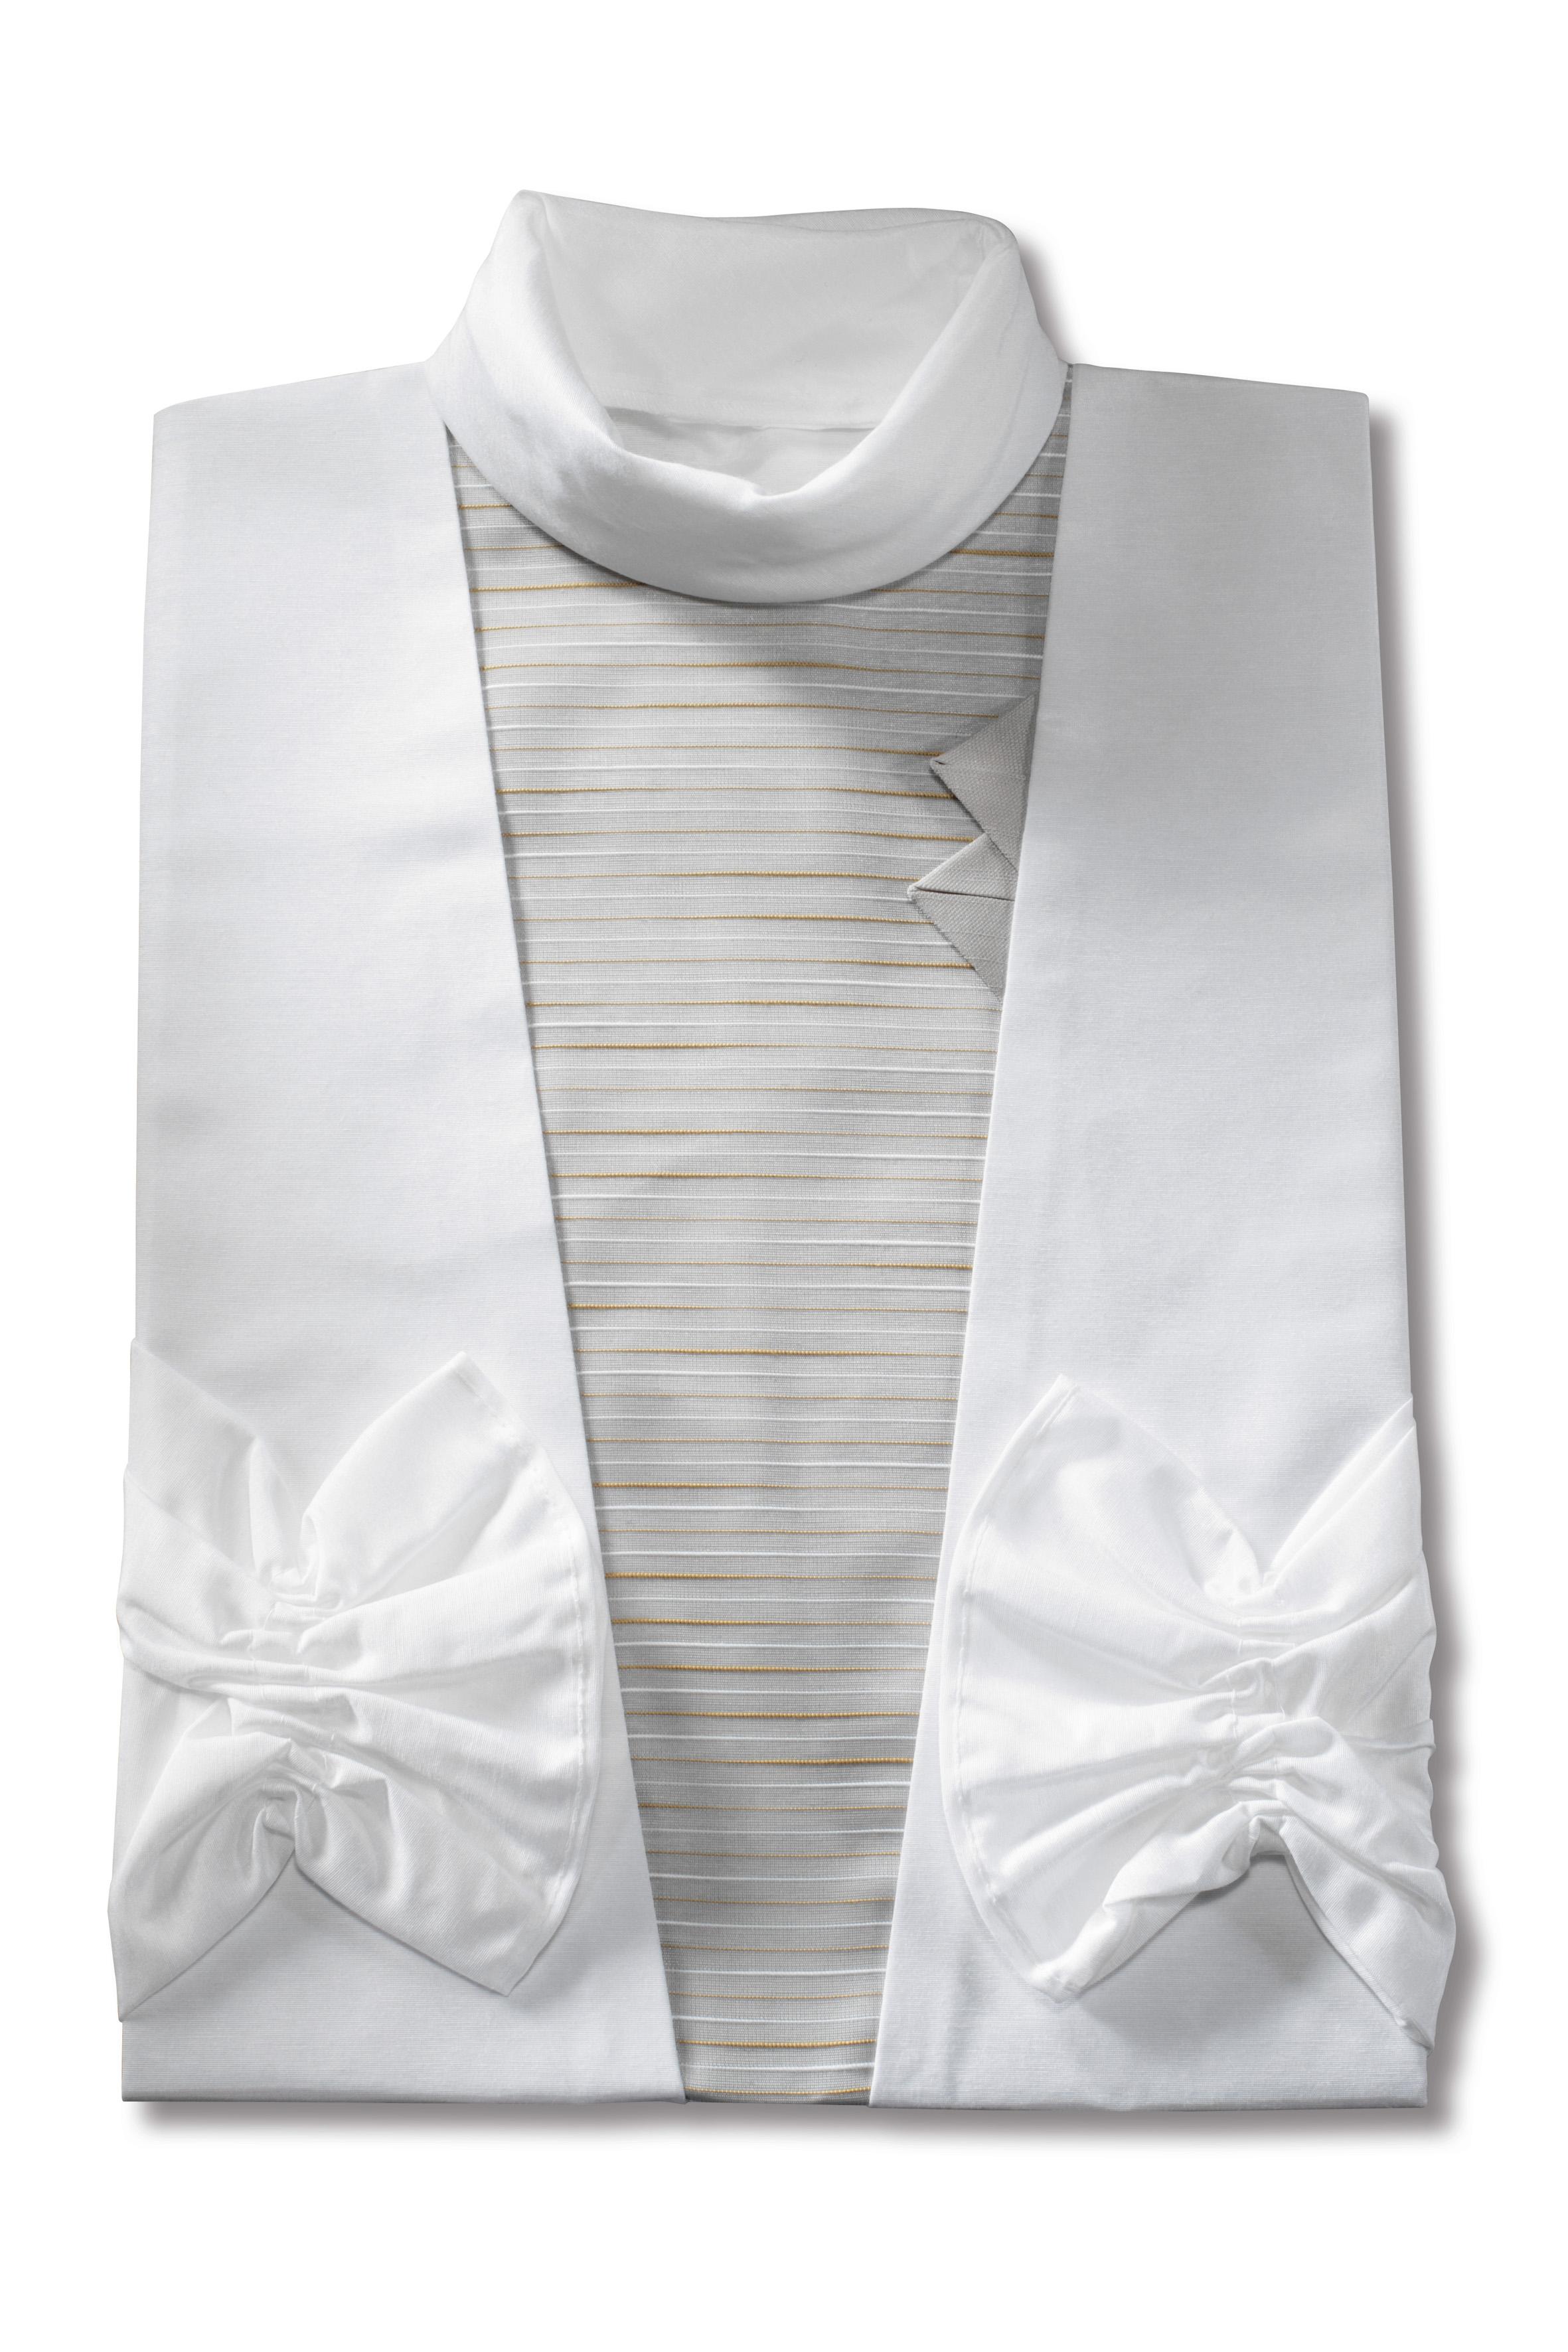 Damenkleid in weiss und grau | Bestattungswäsche Thomas ...